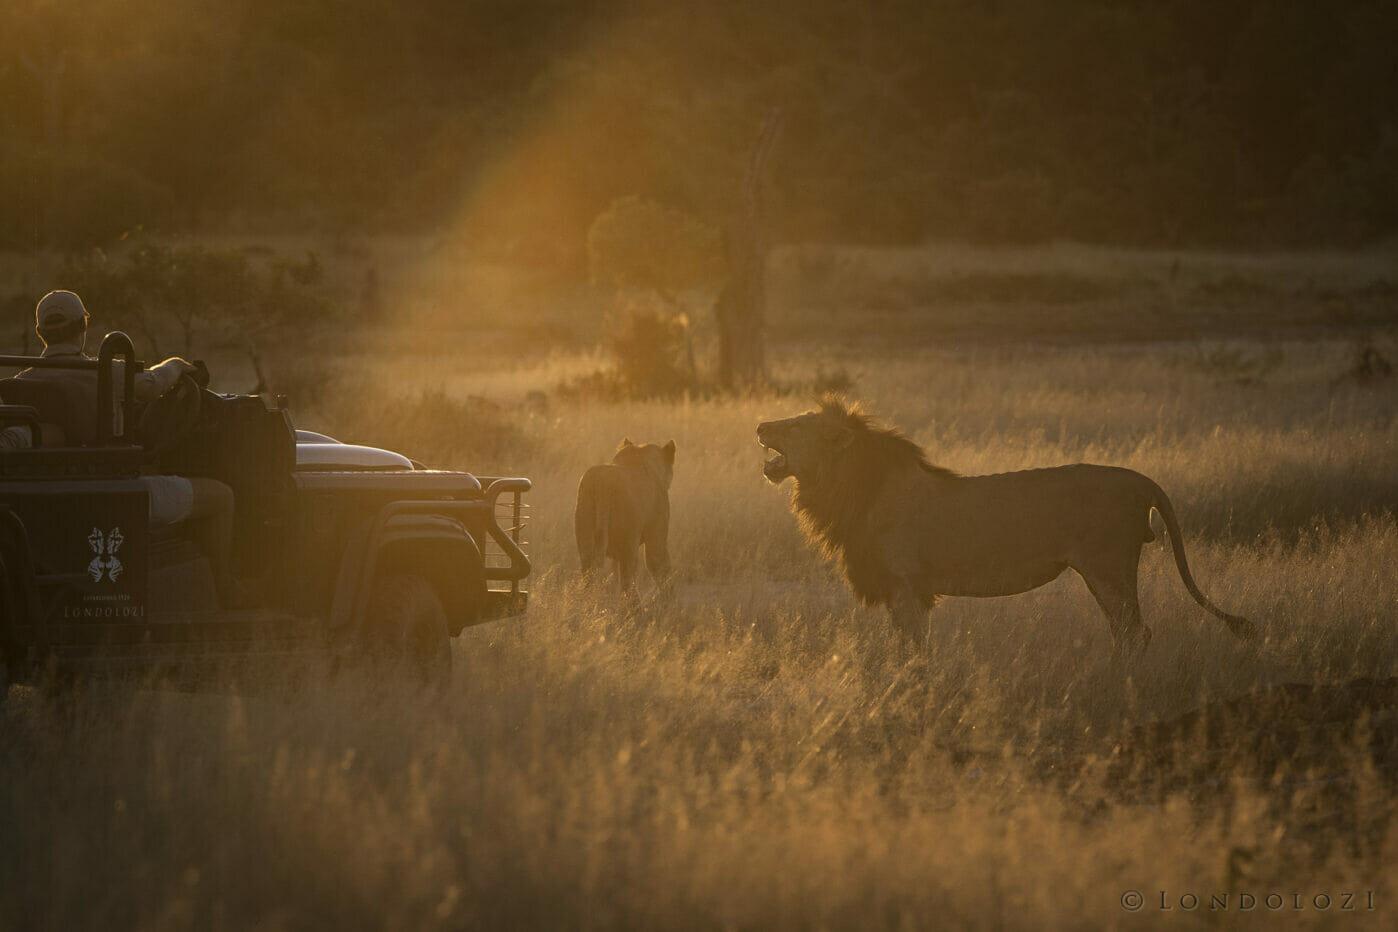 Sunset Ntsevu Golden Grass Birmingham Lion Land Rover